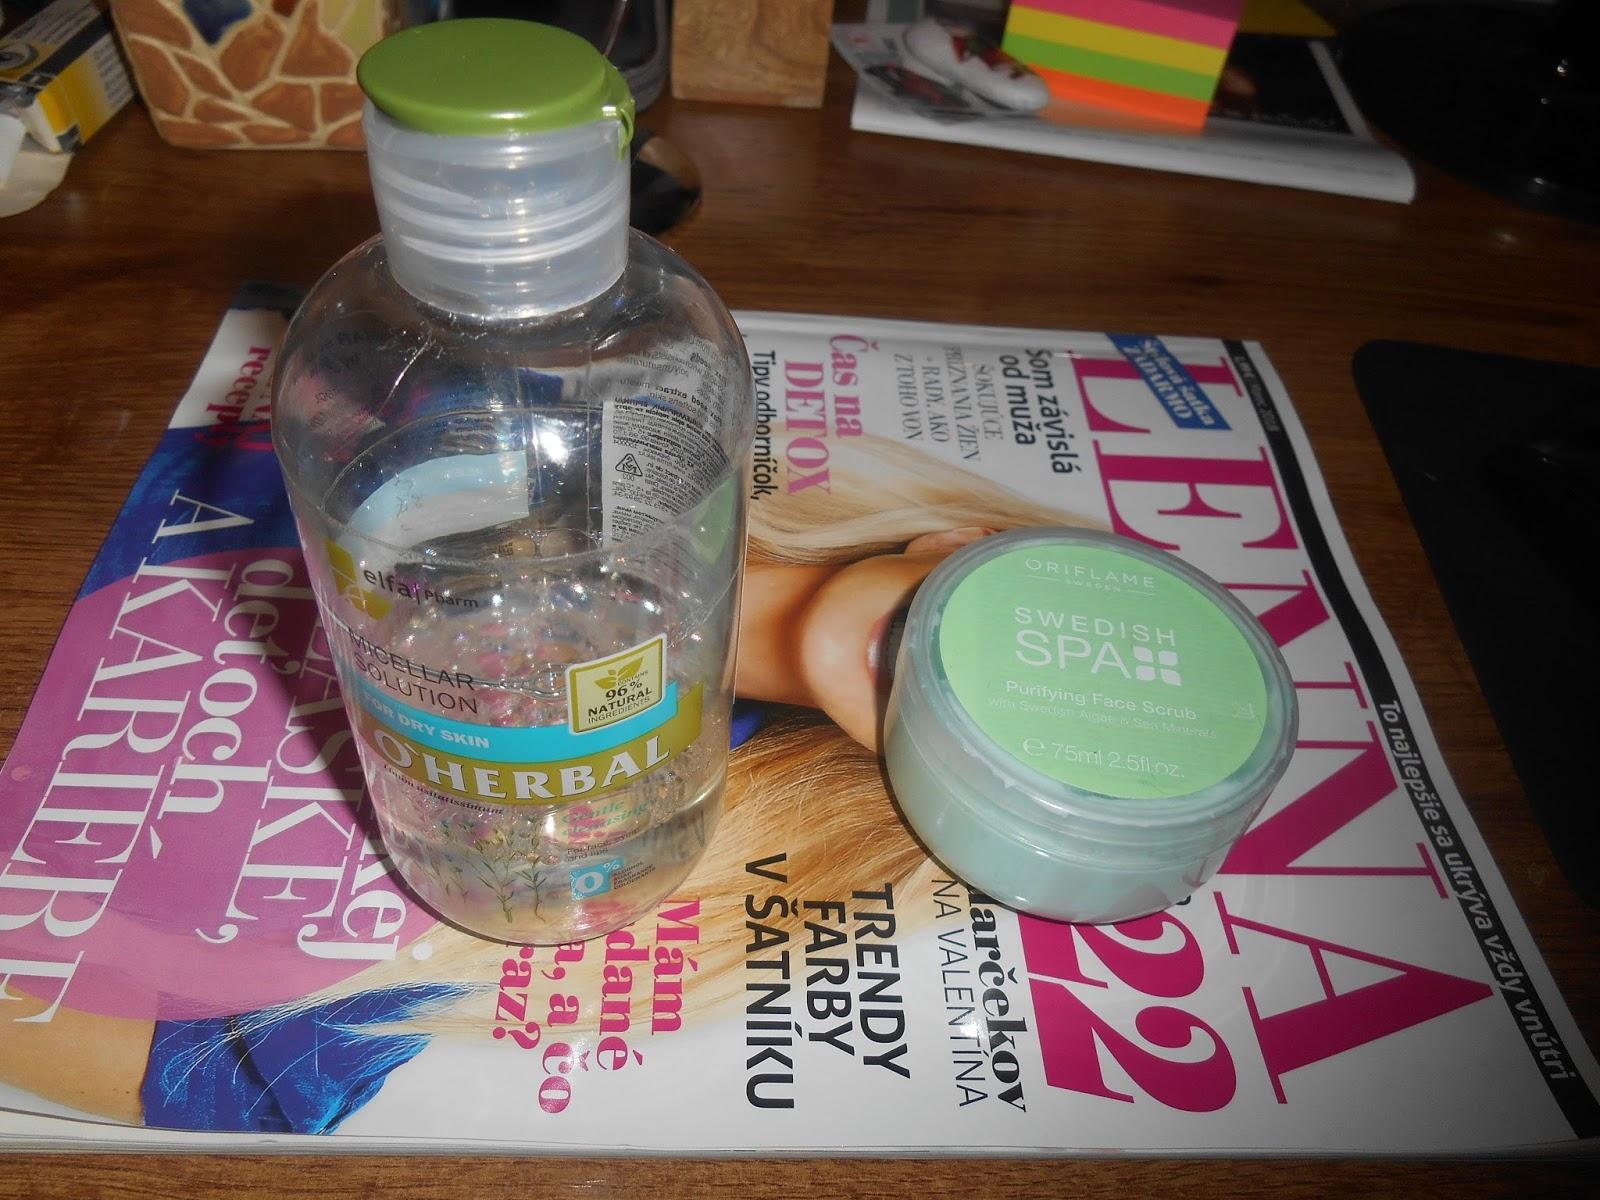 micelárna voda O´HERBAL a píling SWEDISH SPA Oriflame cad97784138